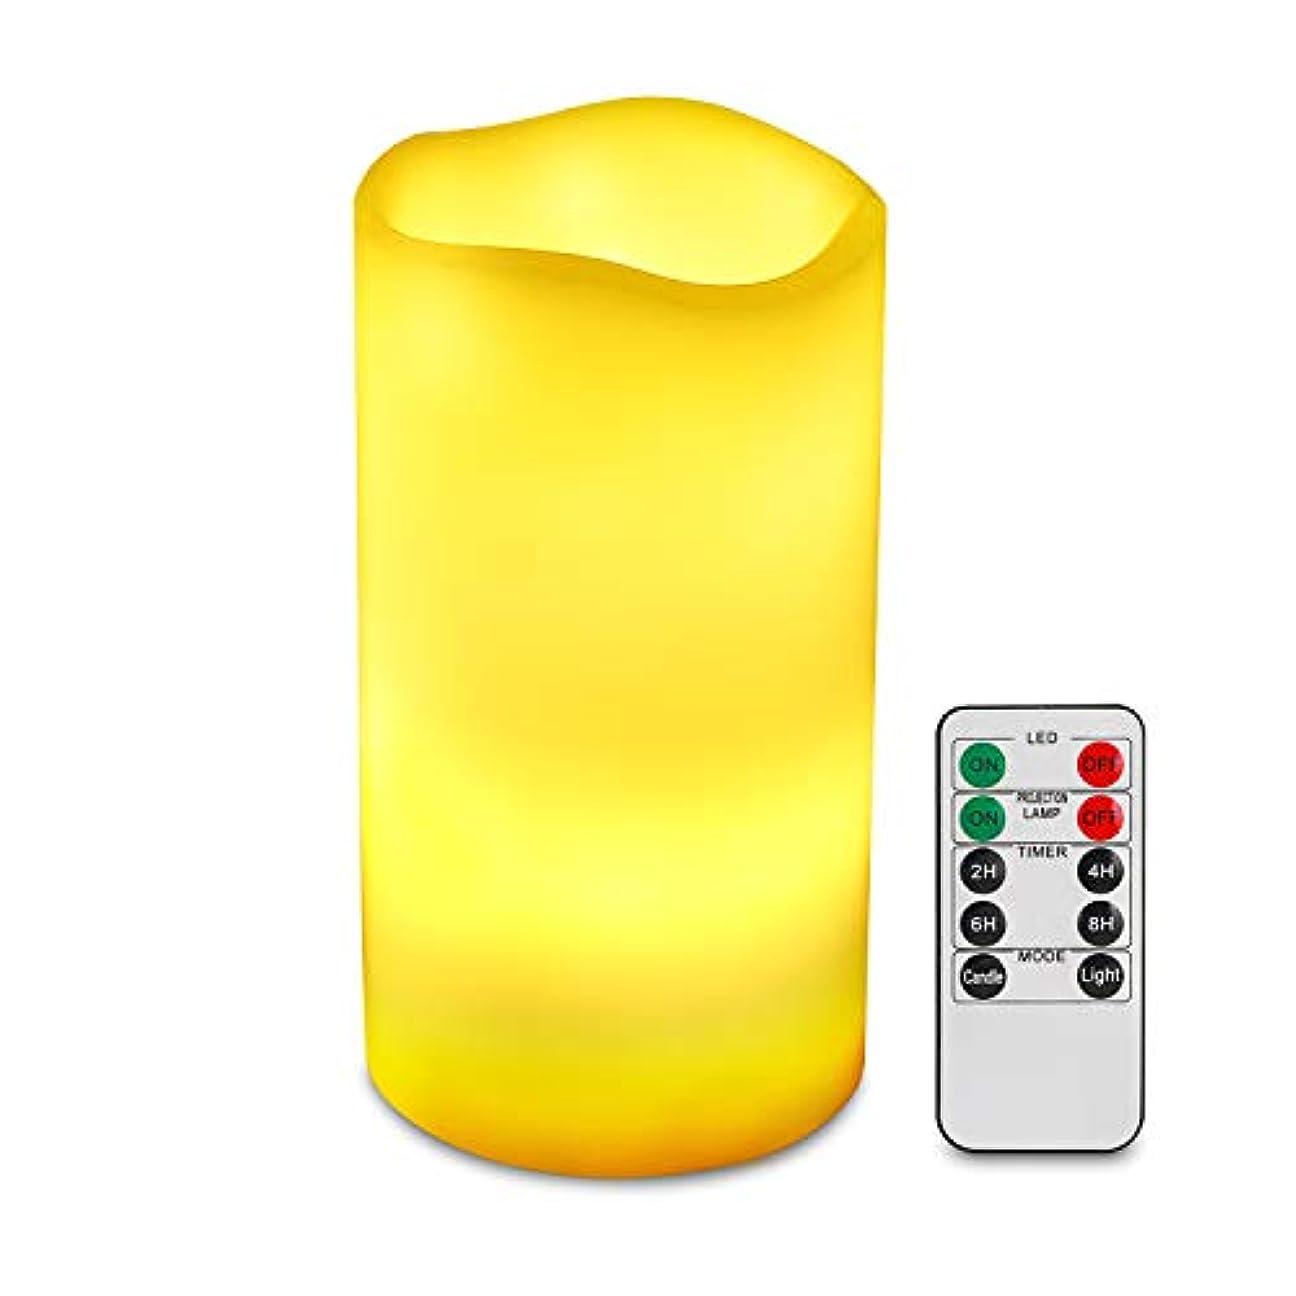 ドリル裸望みLUXONIC フレームレスLEDキャンドル プロジェクターライト付き 電池式 本物のワックスキャンドルライト 雪の結晶投影とリモートタイマープロジェクター ムードランプ ナイトライト 装飾用 パーティー用